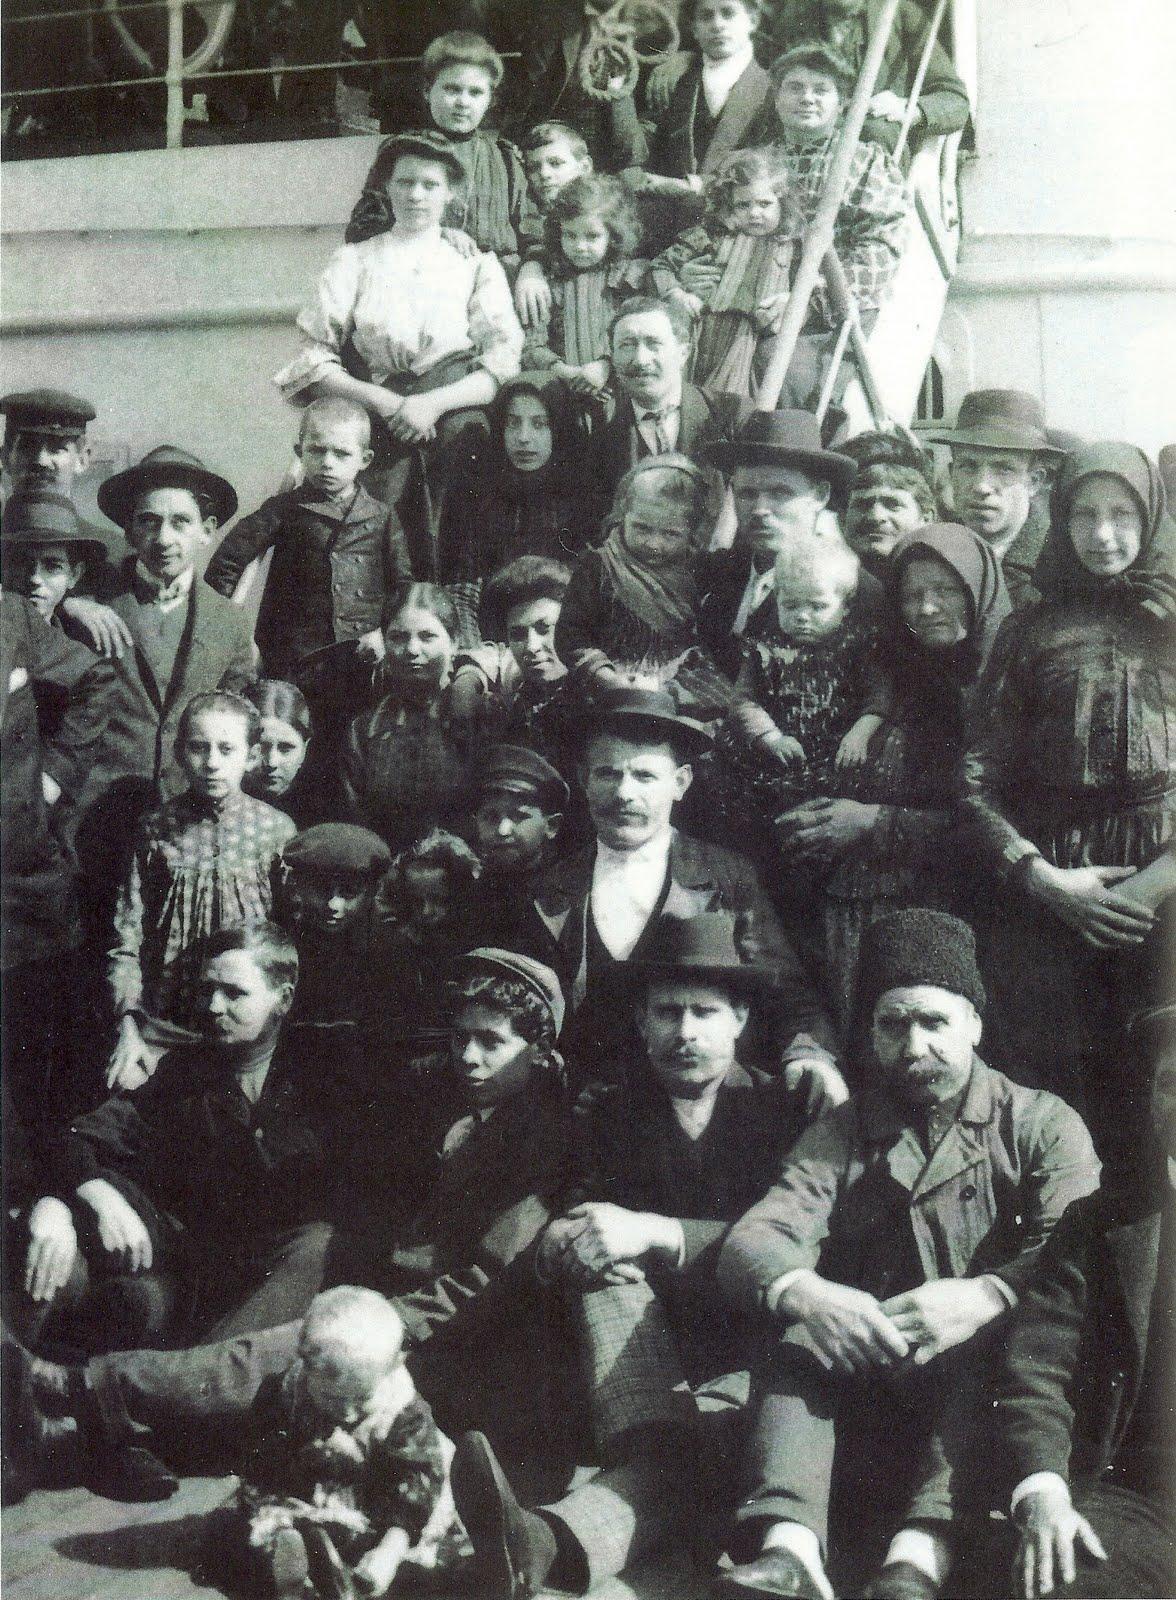 Lewis Hine - Ellis Island 14